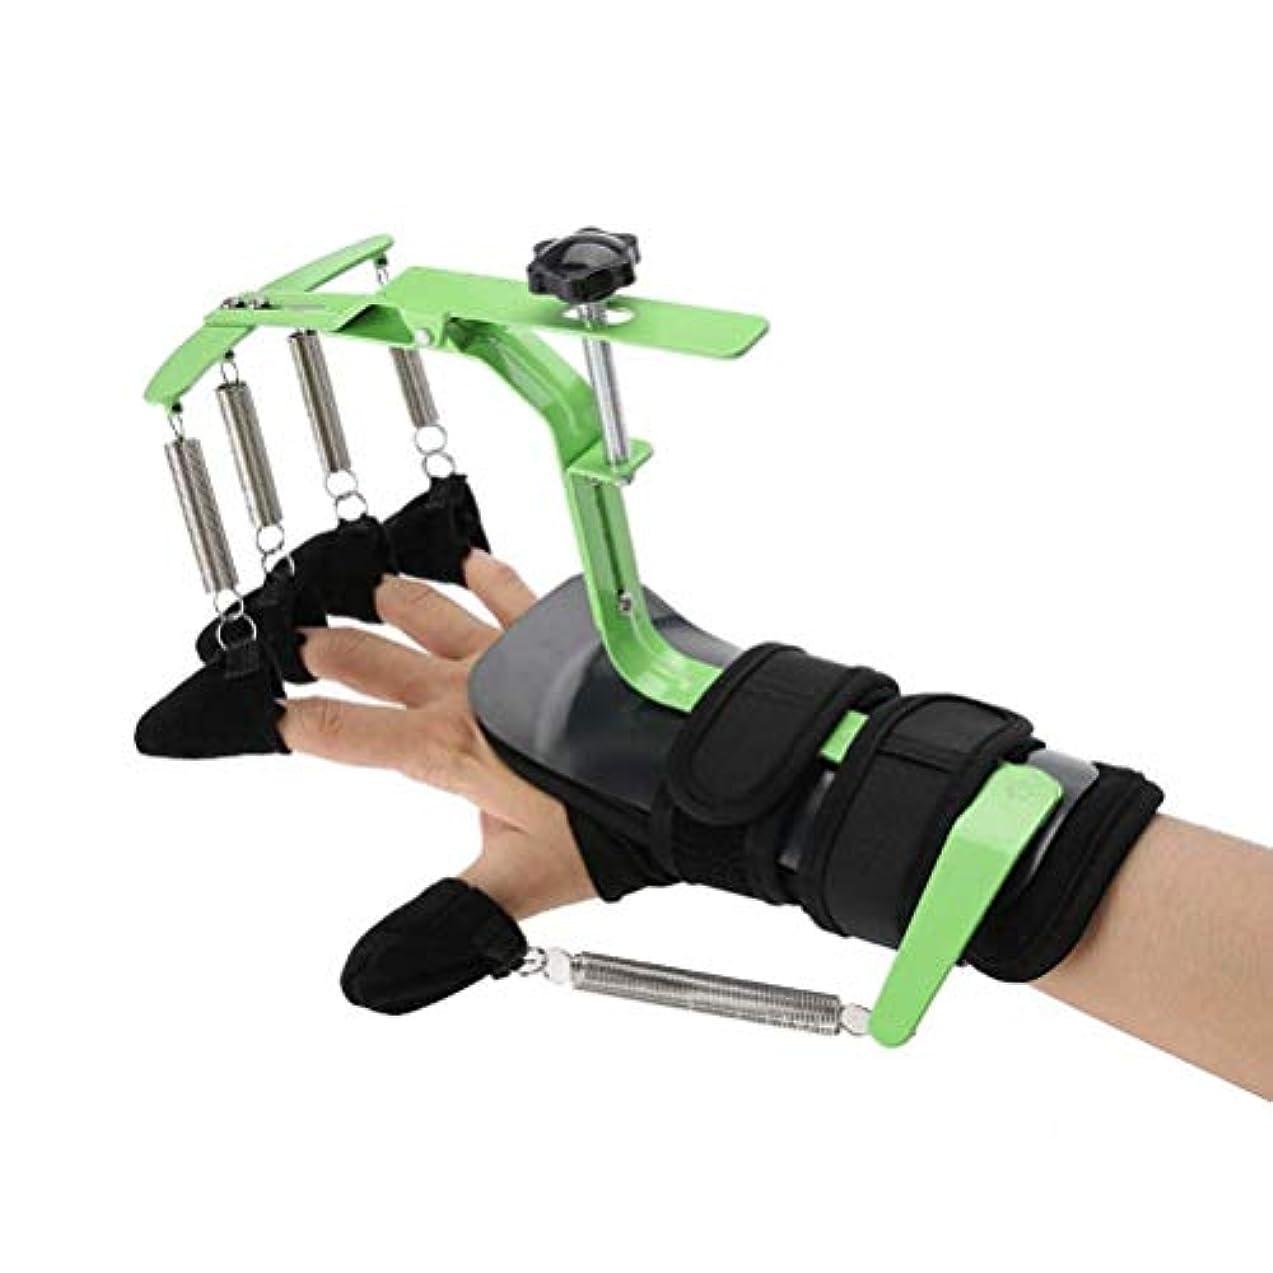 パーセント急襲調整可能指の変形や破損指ナックル固定化、指矯正ブレースガードプロテクターリハビリトレーニングデバイス動的フィンガースプリントのために指のトレーニングデバイスフィンガースプリント